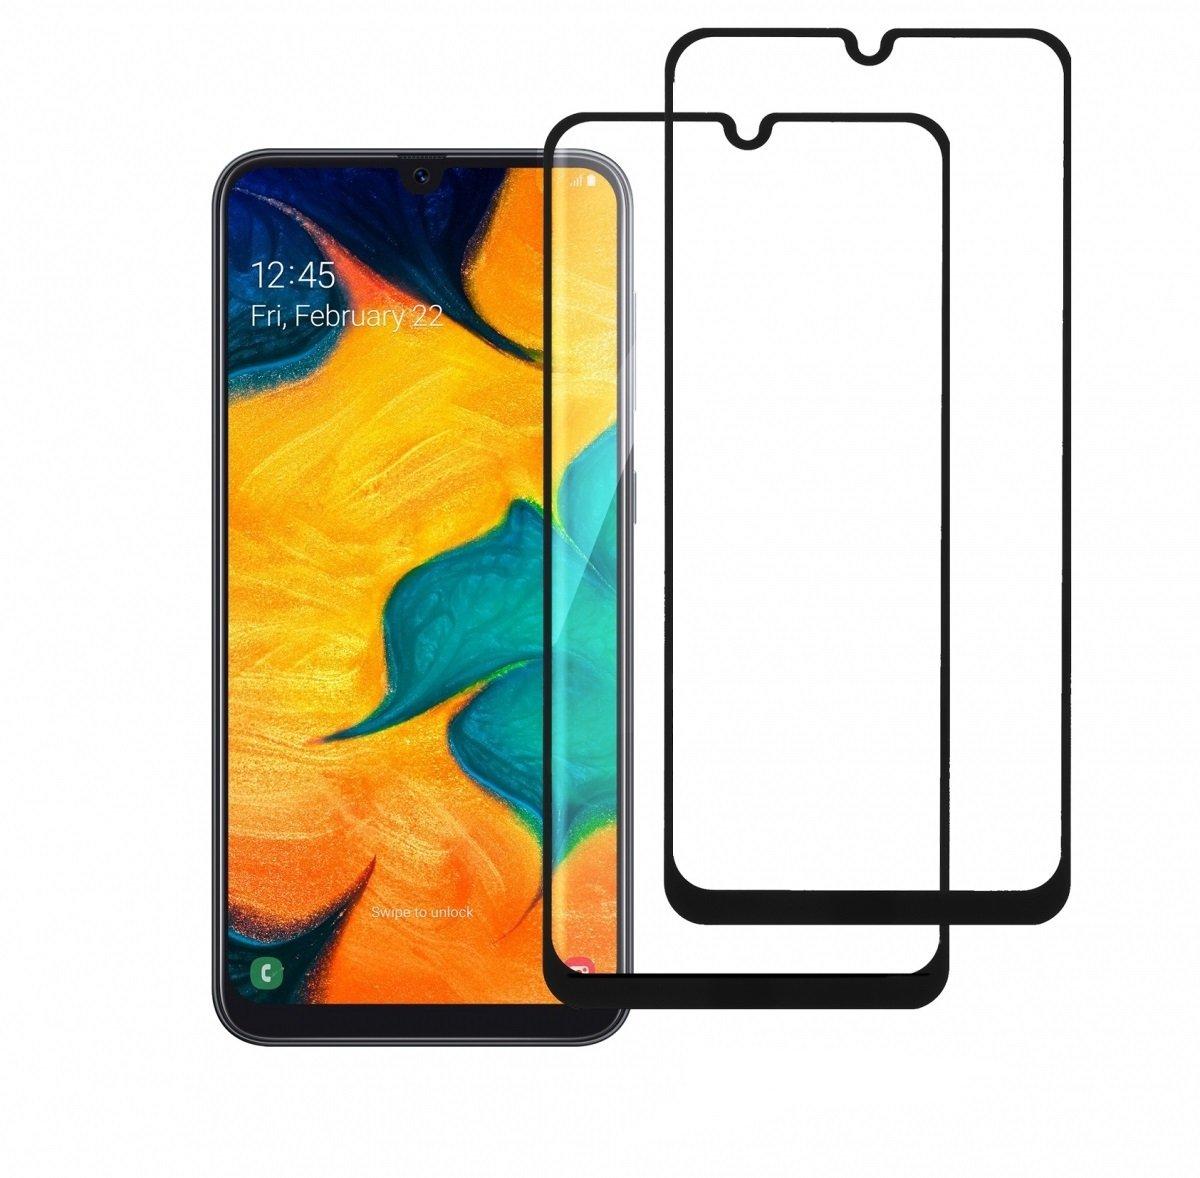 Комплект защитных стёкол 2E для Galaxy A30 (A305)/A50 (A505) 2.5D Black Border фото 1